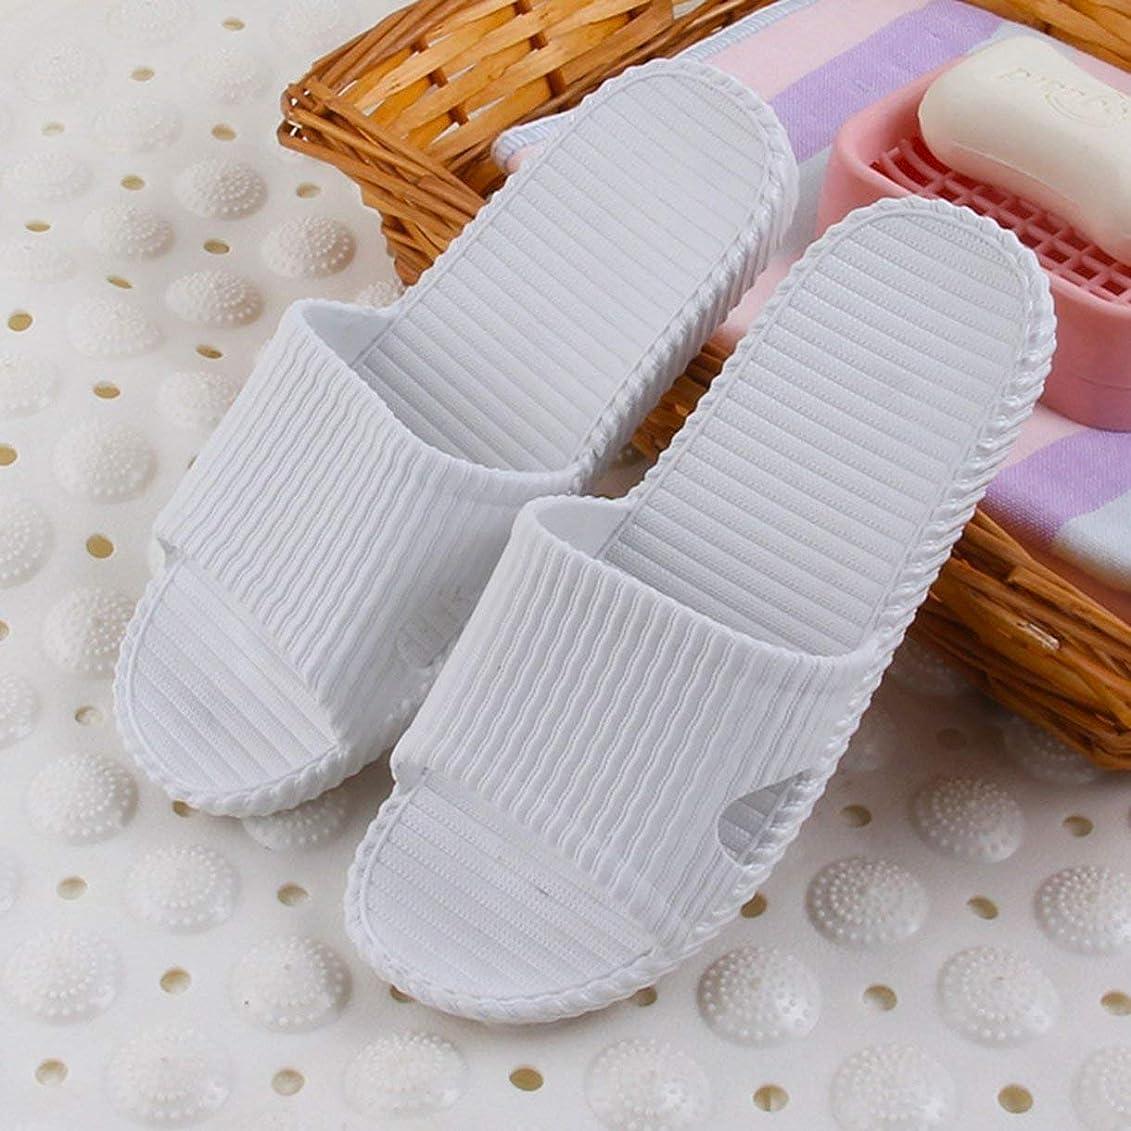 上に築きます姿勢考古学的なUnisex Women Men Shoes Bathroom Skidproof Flat Sandals Summer Home Bathroom Slippers Casual Indoor Beach Slippers